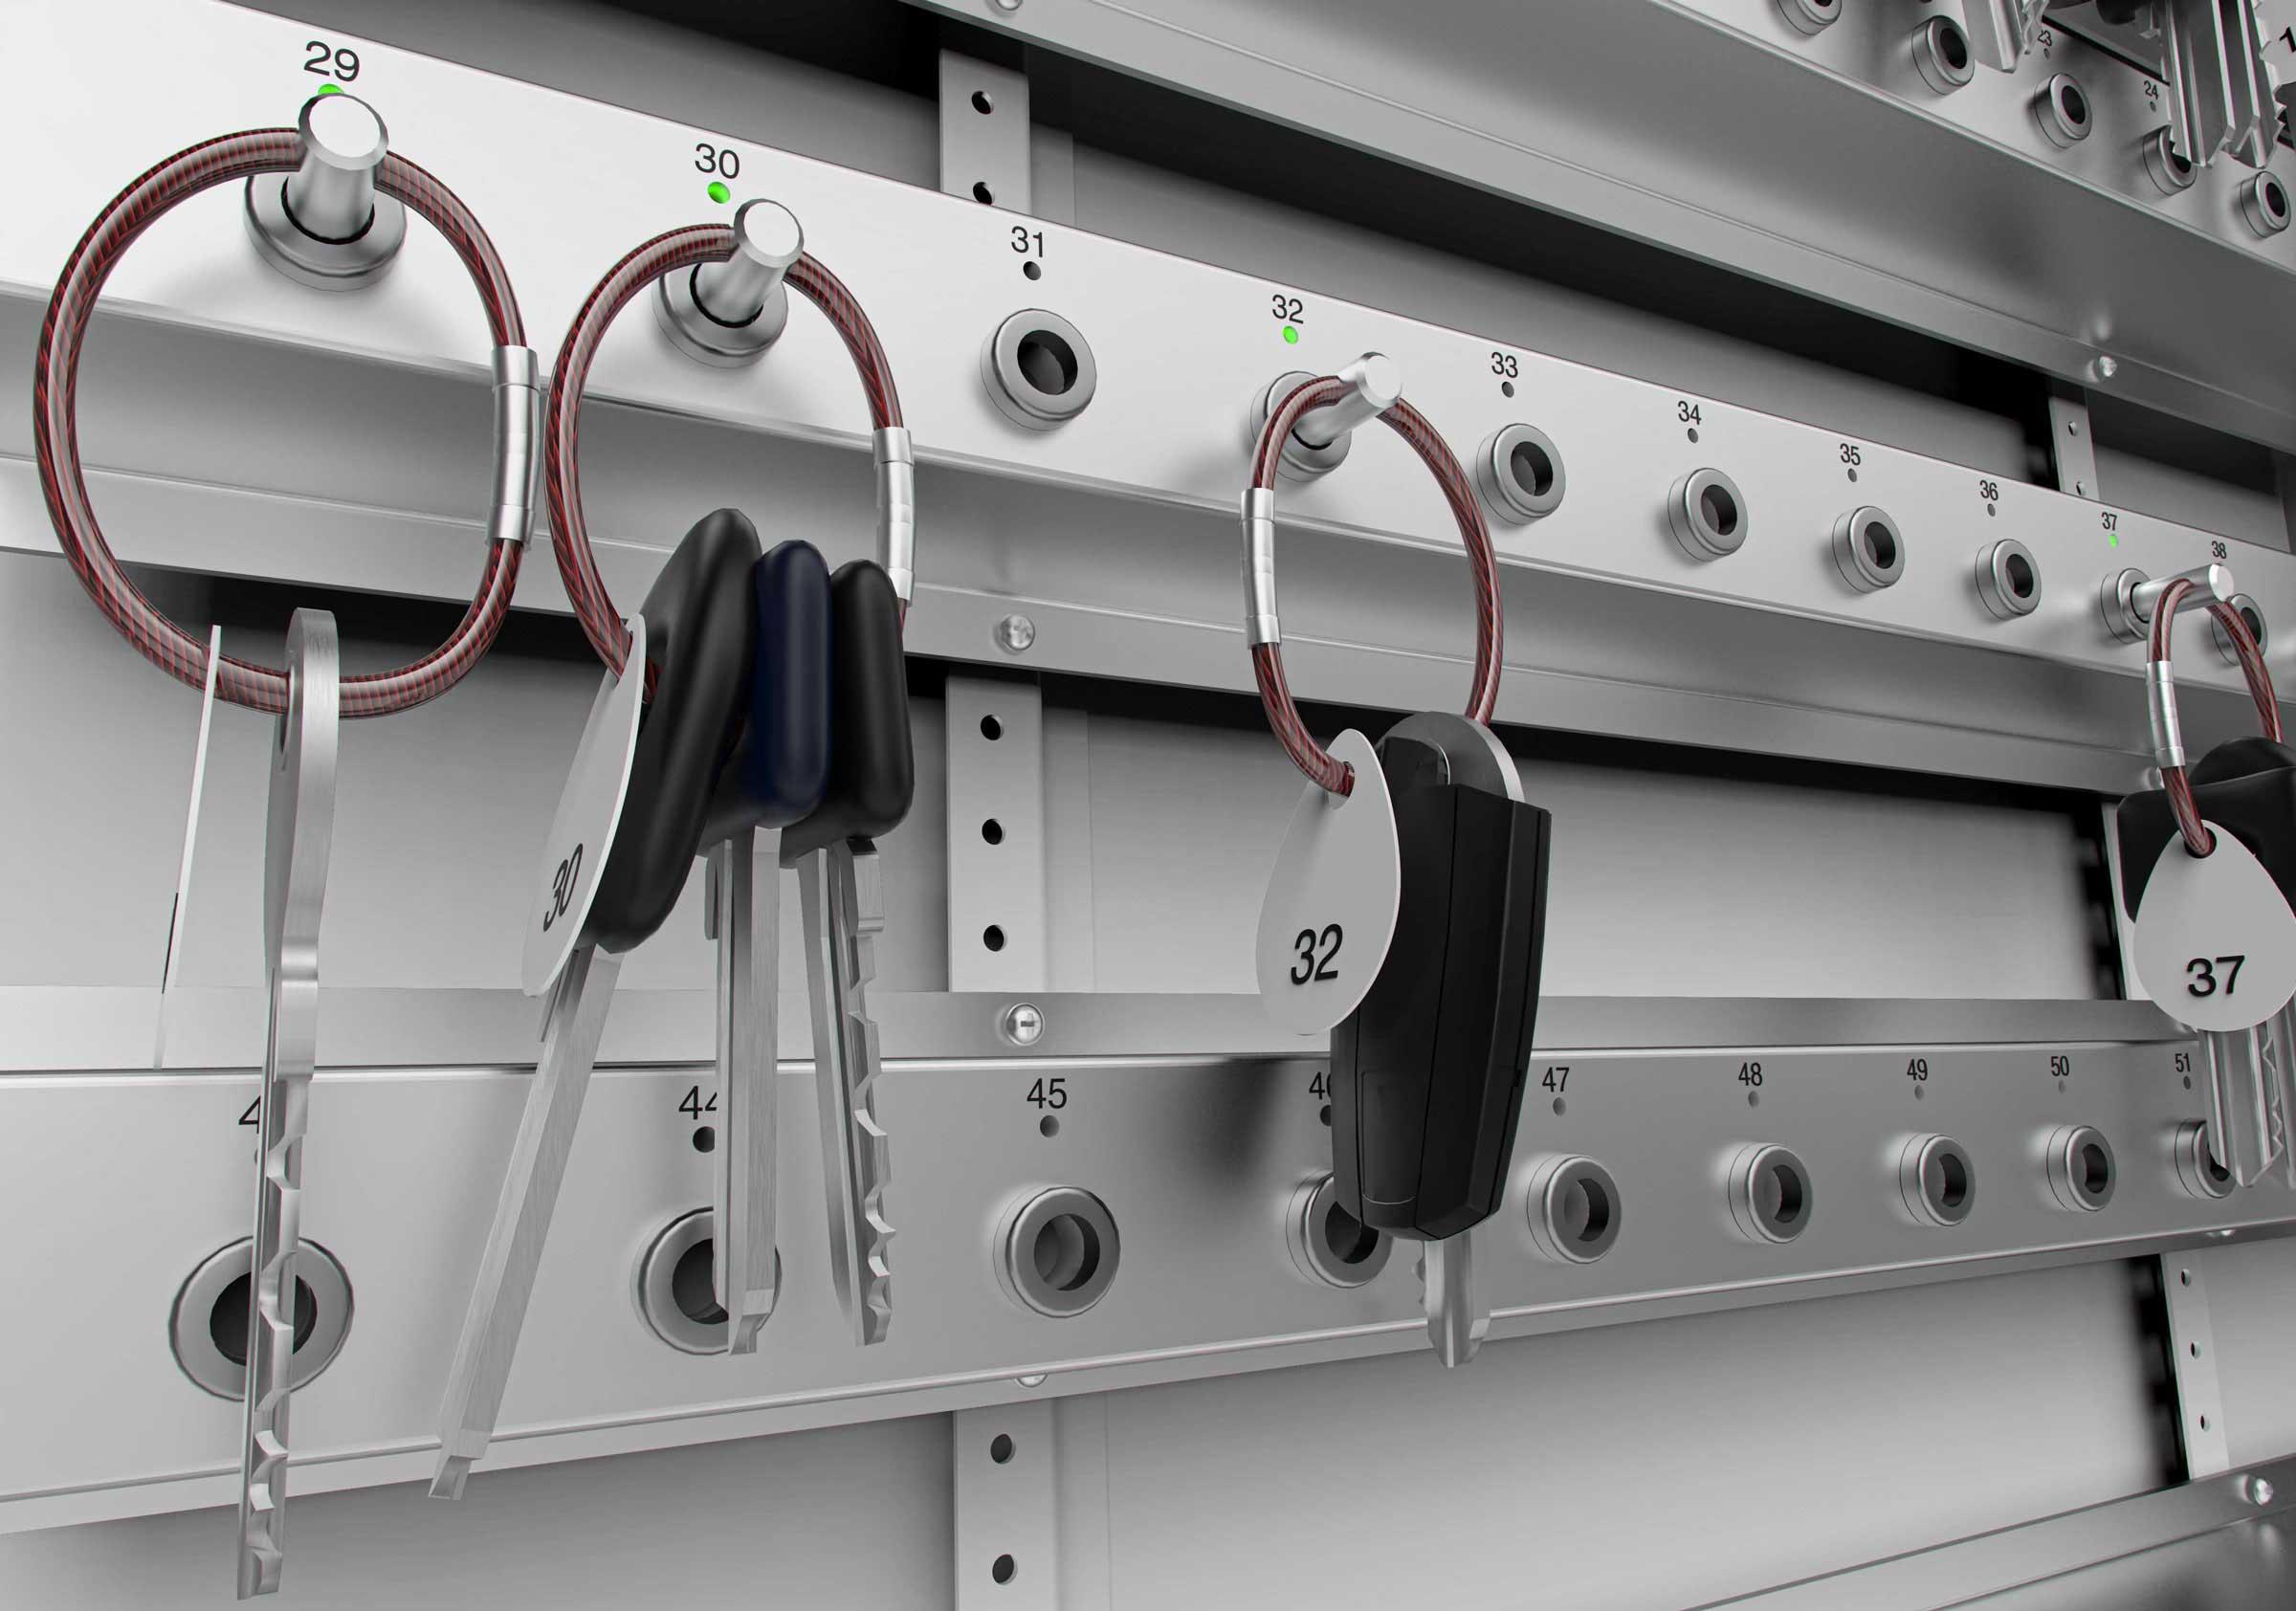 Der IntelliPin-Schlüsseltransponder bietet Ihnen die umfassende Kontrolle über Ihre Schlüsselaufbewahrung.